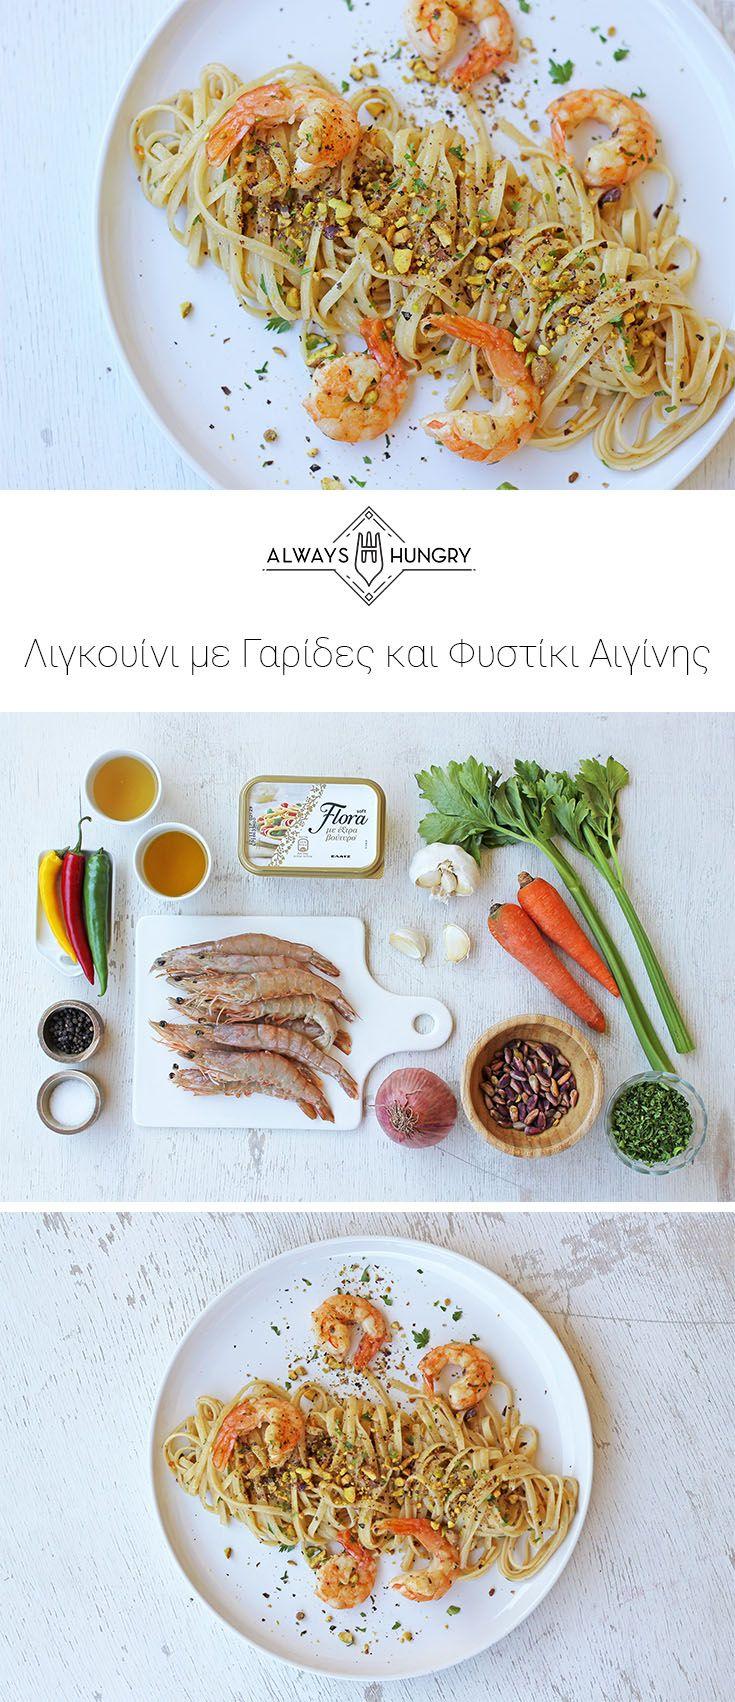 Λιγκουίνι με Γαρίδες και Φυστίκι Αιγίνης | Συνταγή